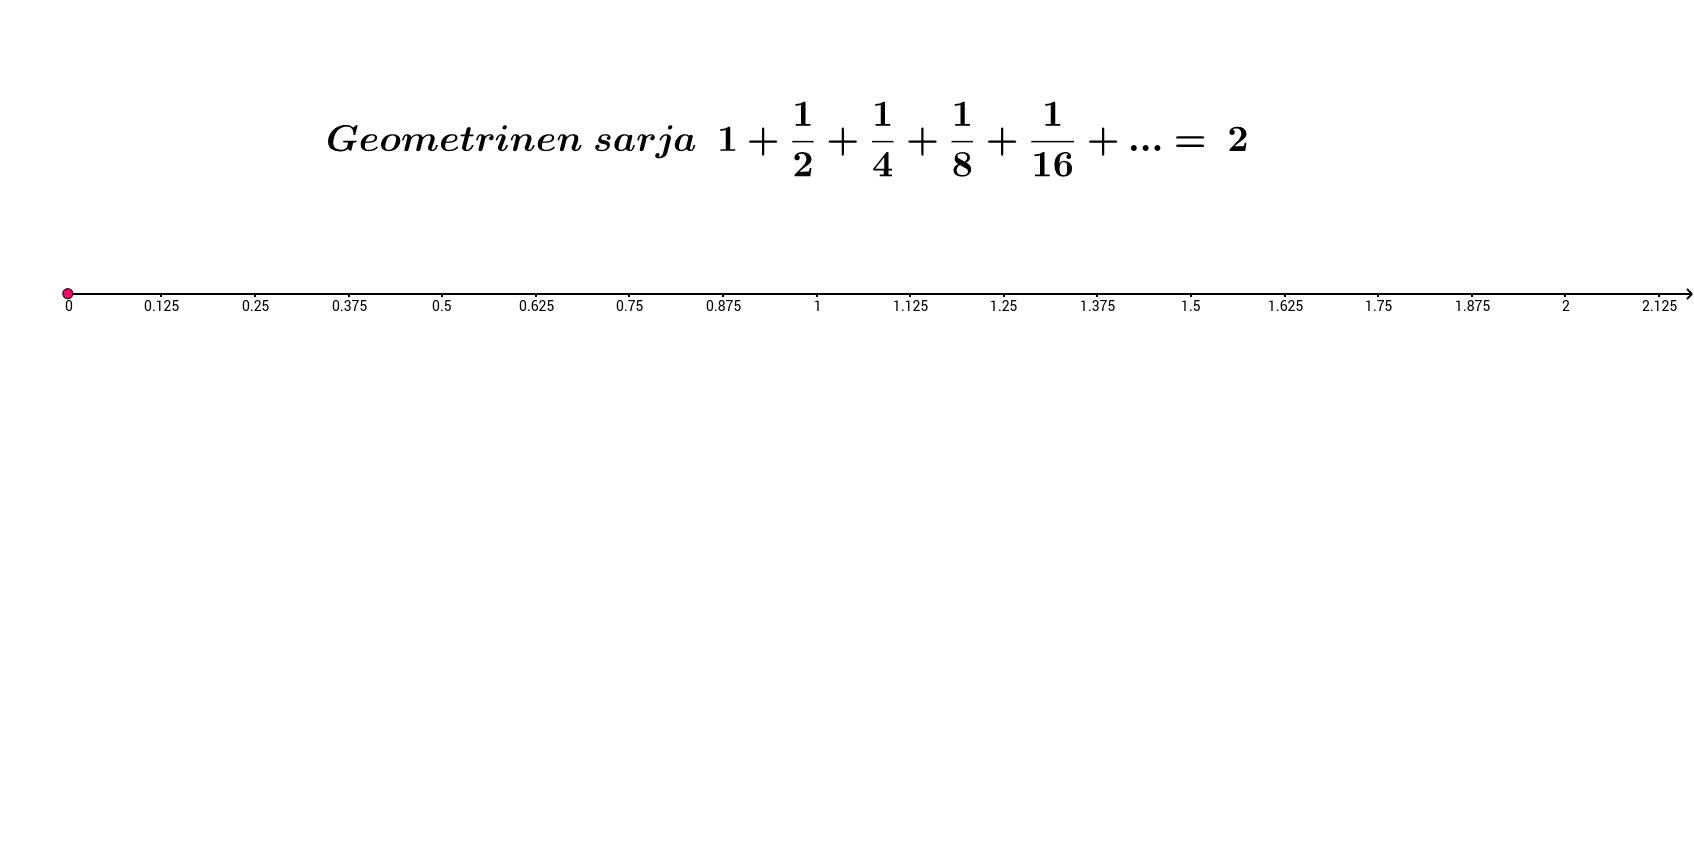 Geometrinen sarja